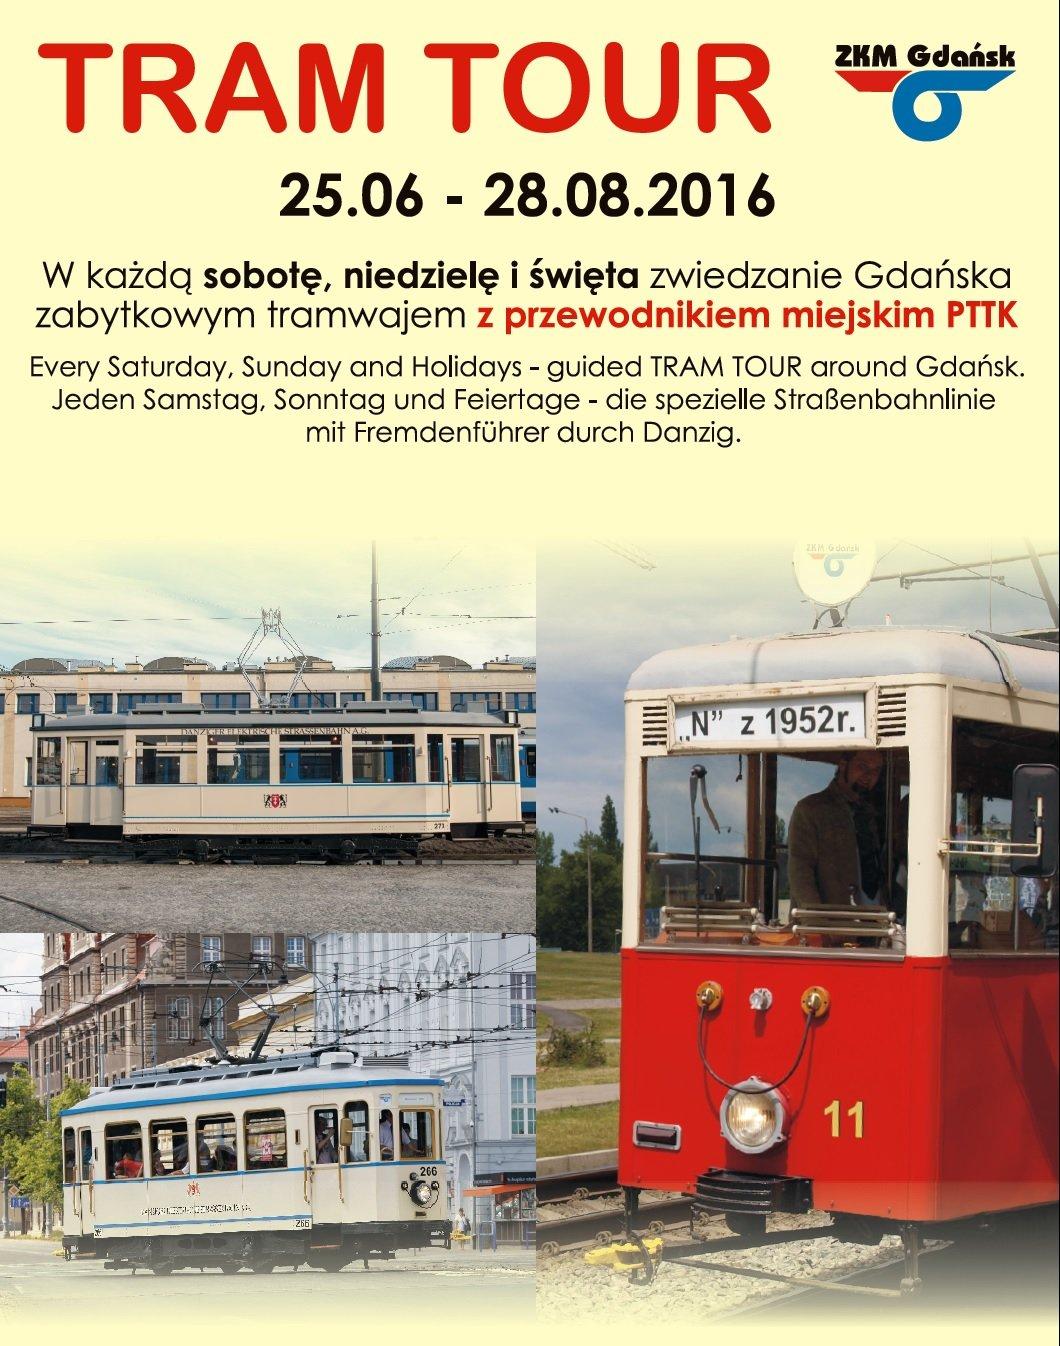 tram tour gdansk 2016 wakacje lato